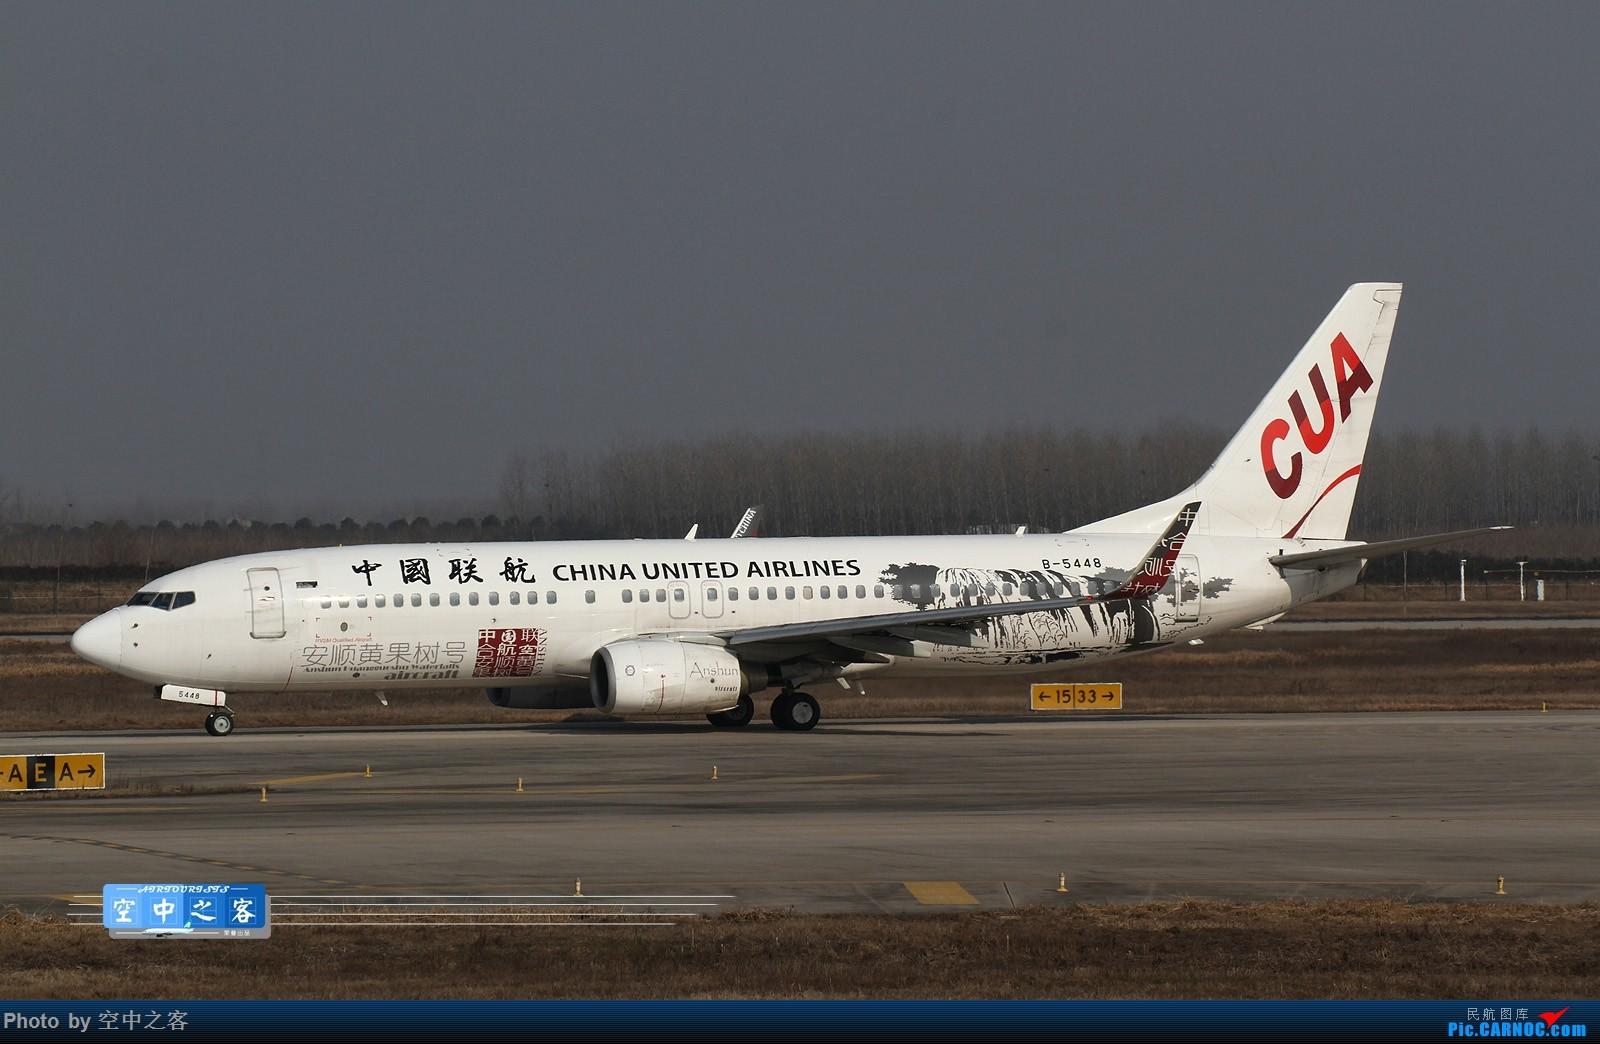 [原创][合肥飞友会·霸都打机队]有百机 有白机 有花机 ...续集 BOEING 737-800 B-5448 合肥新桥国际机场